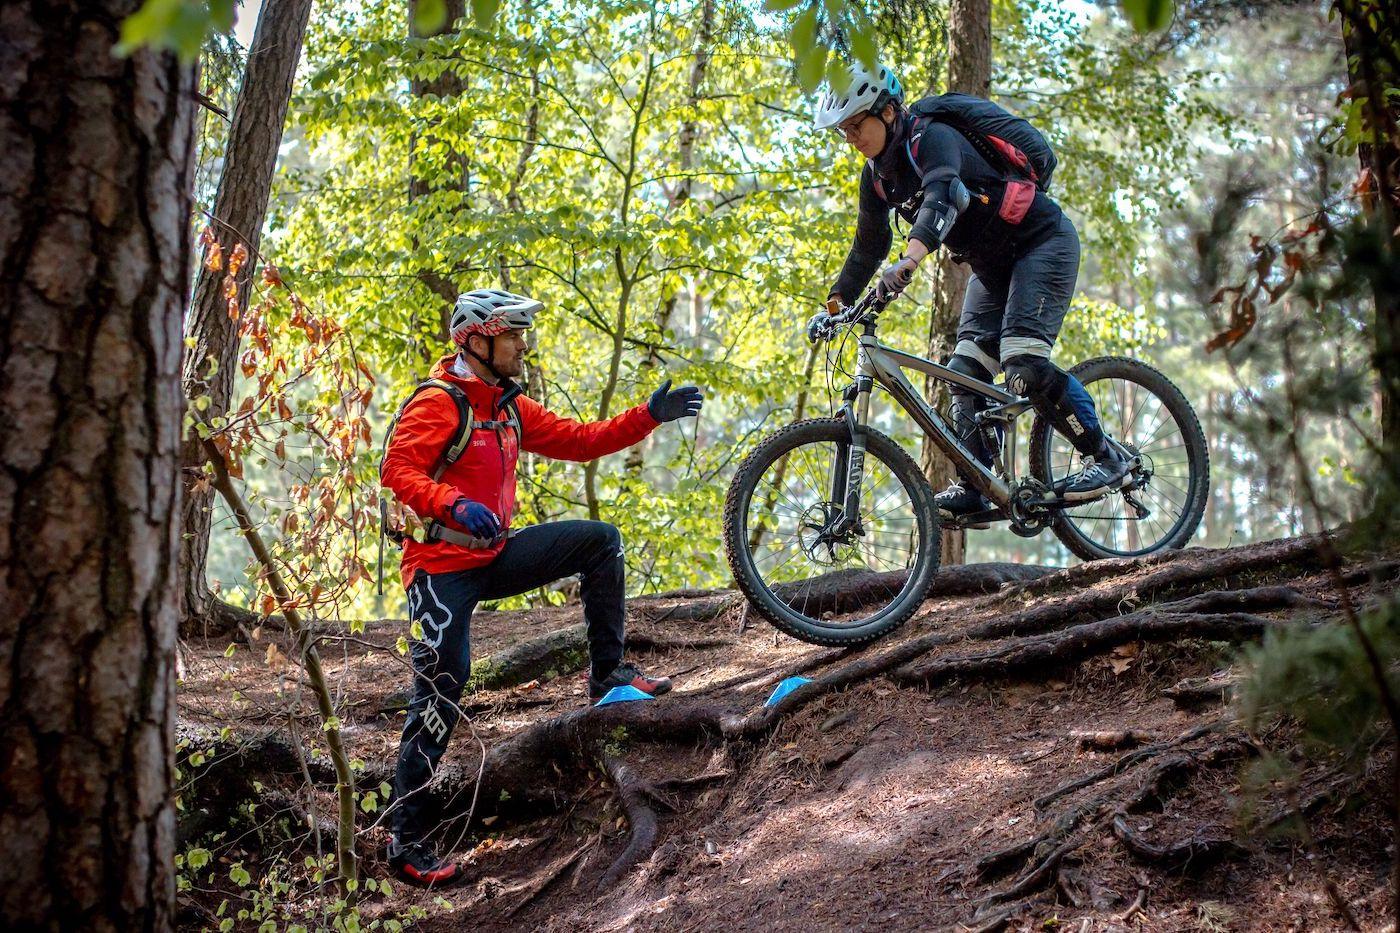 MTB Fahrtechnik Kurs Fortgeschrittene in Hamburg - Harburger Berge Norden - Mountainbike Fortgeschritten - Rock my Trail Bikeschule - 5